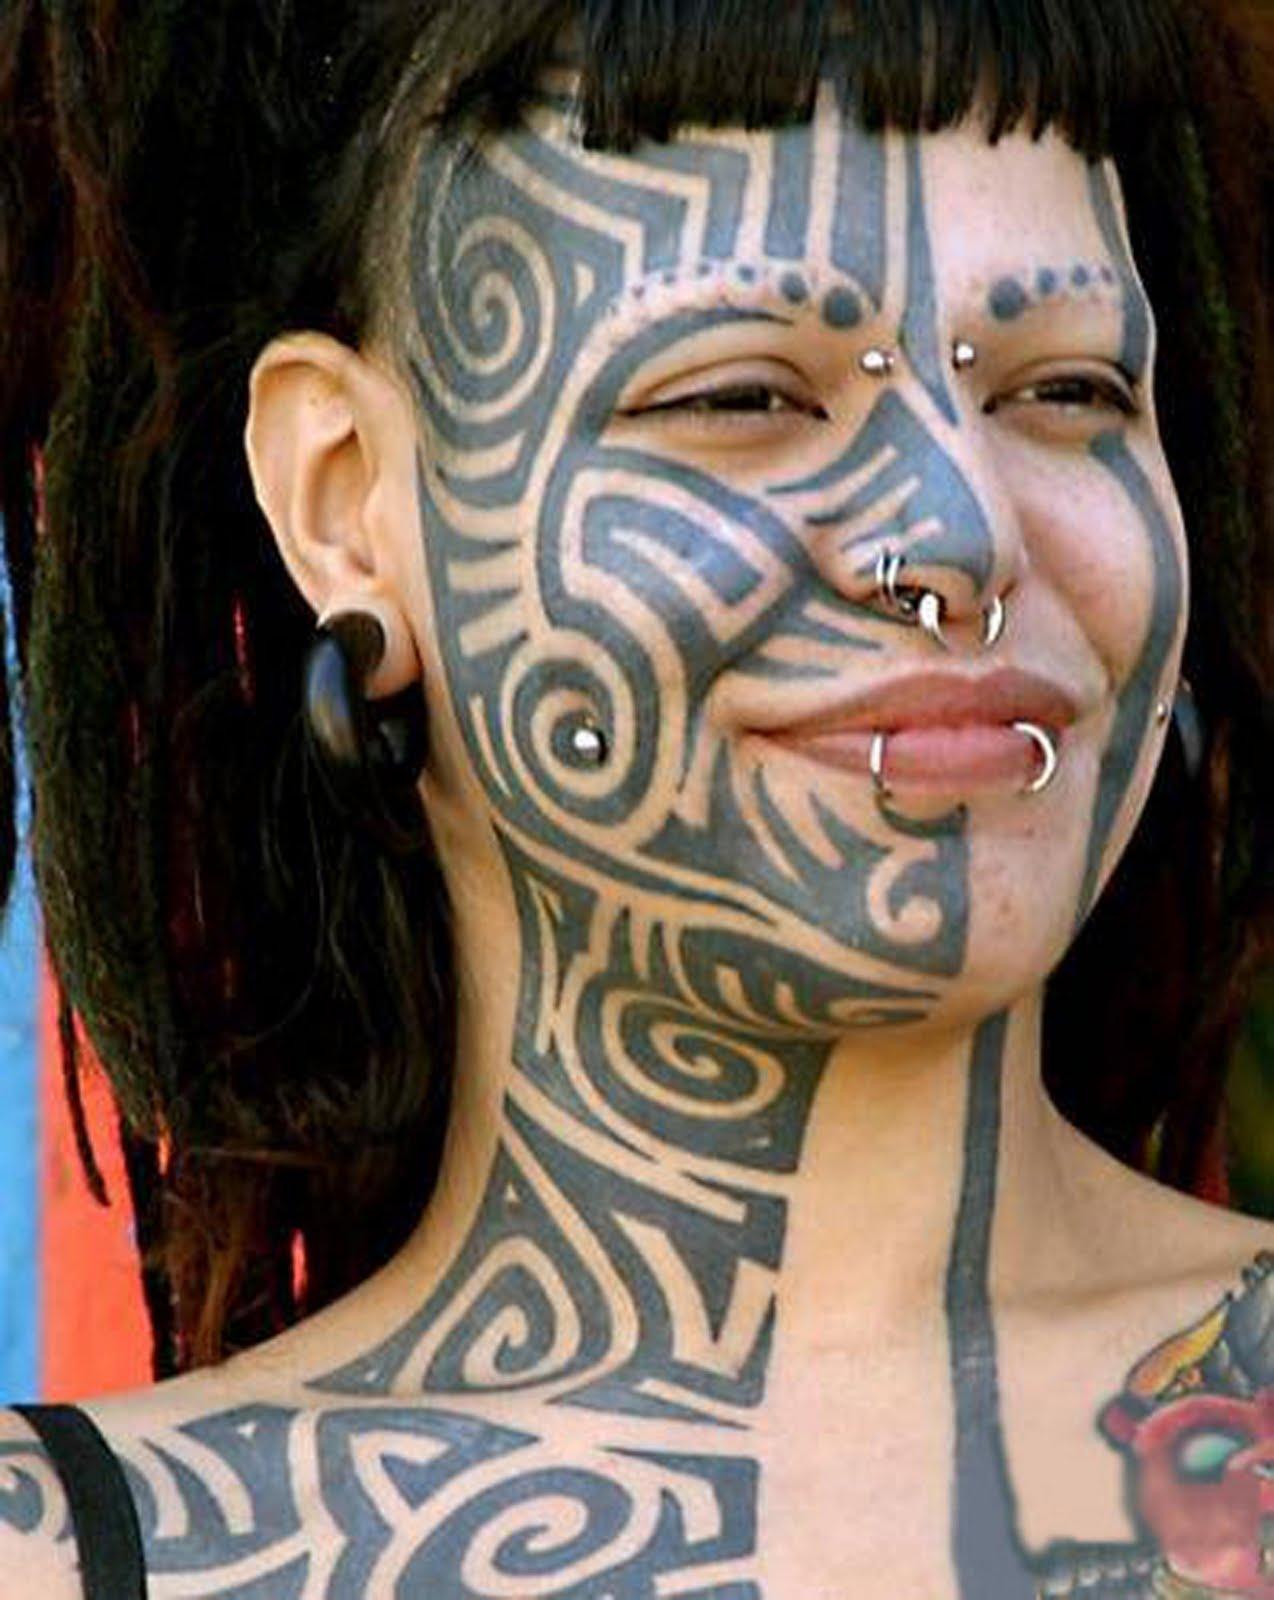 http://3.bp.blogspot.com/-0XDqlApAJaY/TkG1OUSUDCI/AAAAAAAACOQ/iD7qhcy7lcw/s1600/face-tattoos_urban%20tribal%20mouvment_concrete%20disorder_flatworld_spacecucciolo.jpg